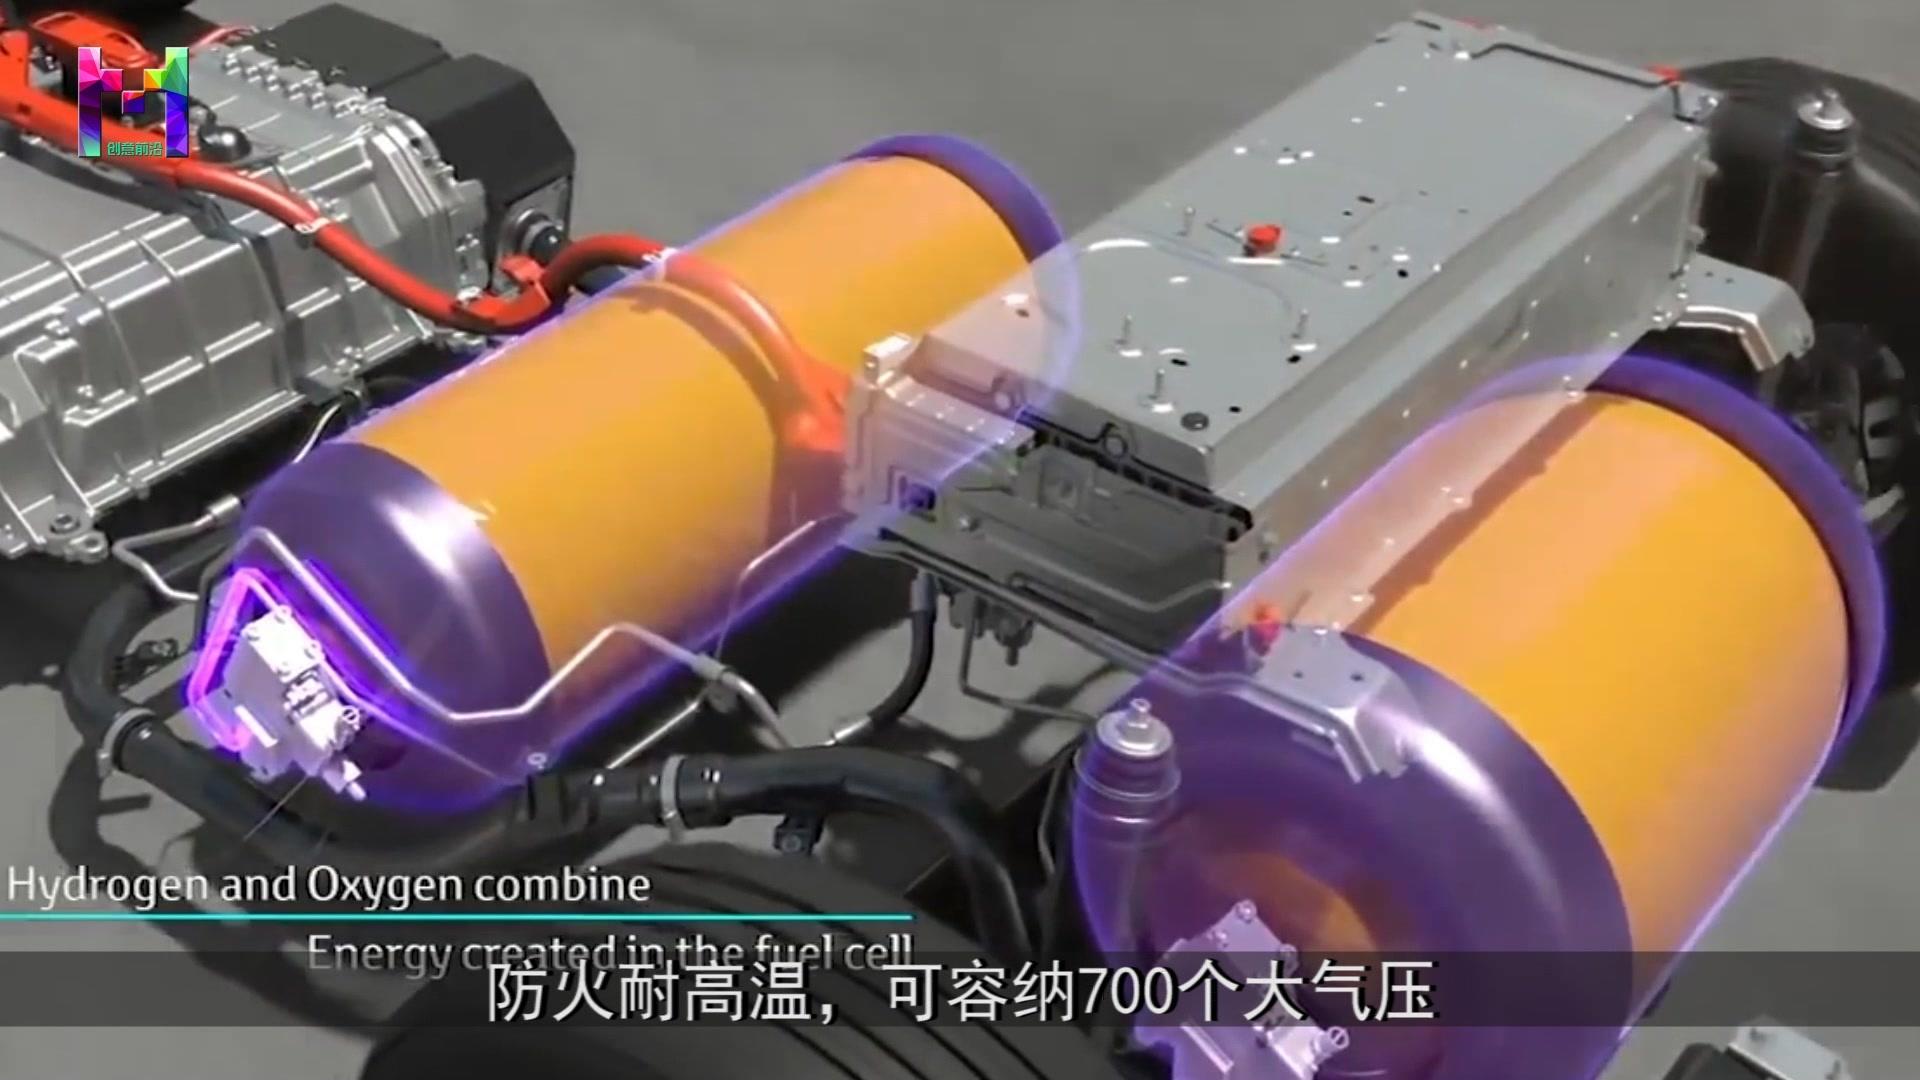 世界首款氢动力汽车,不加油不充电,比电动汽车还省钱  